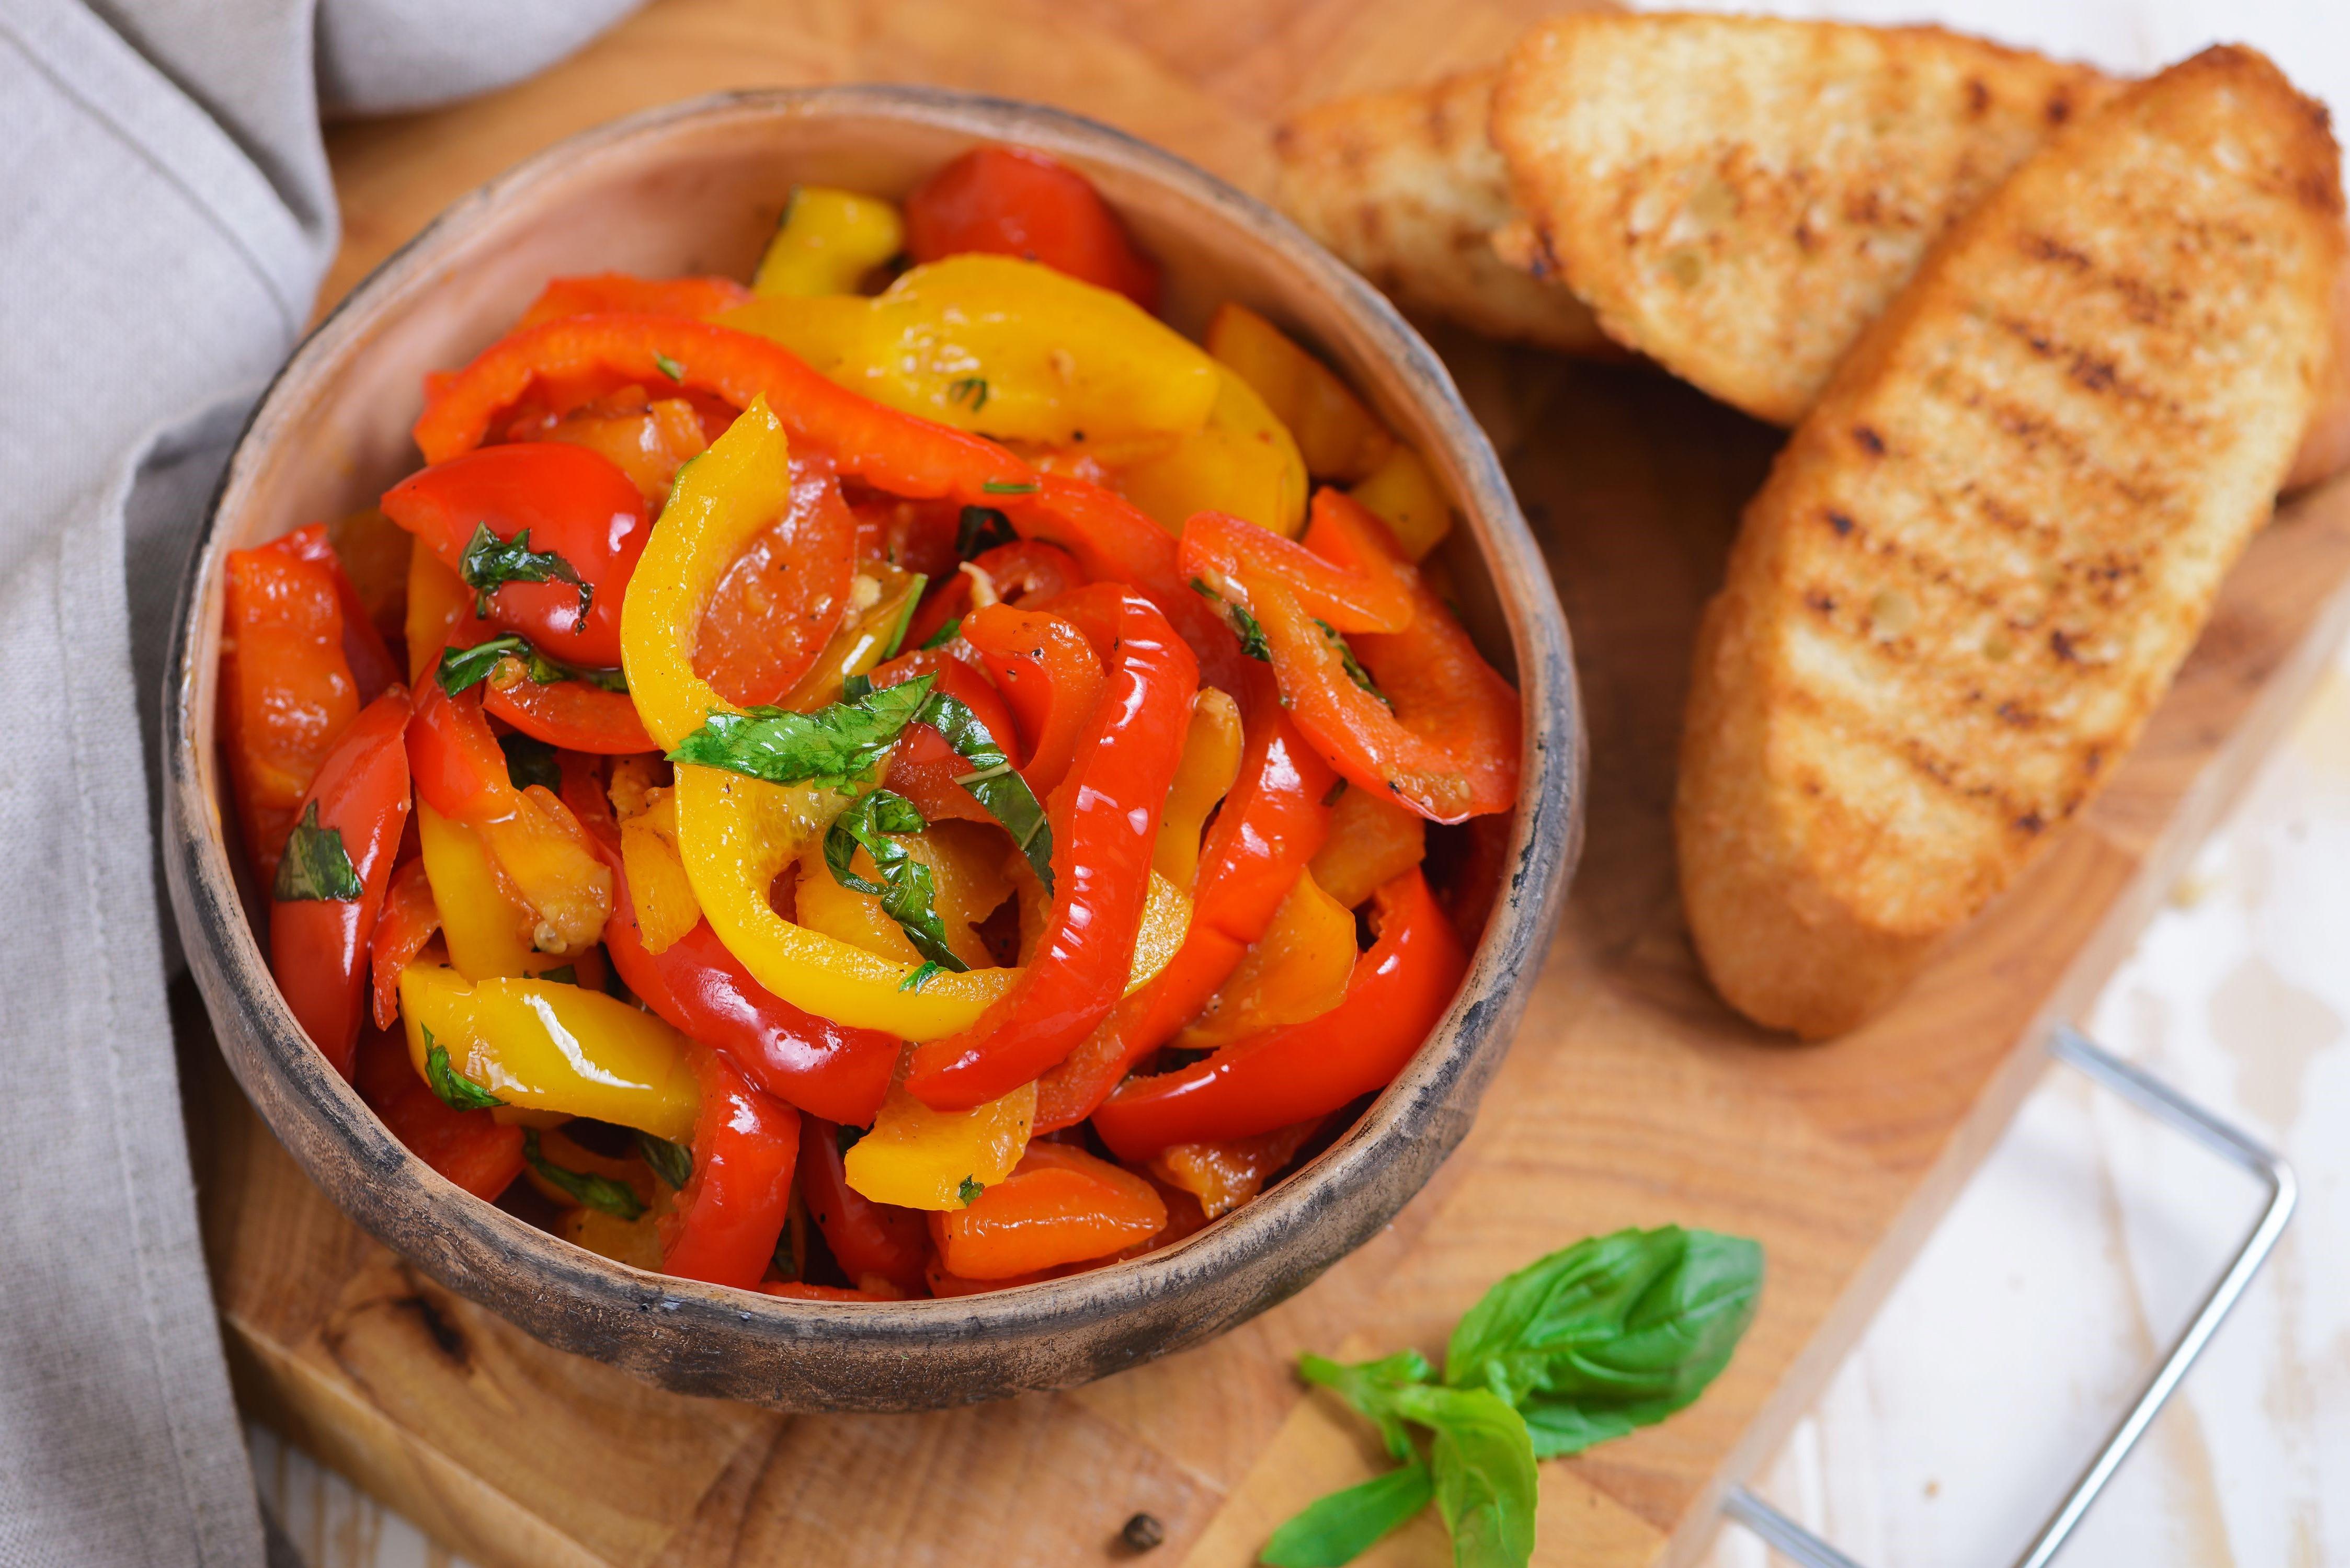 Les poivrons sont des fruits / légumes populaires avec une saveur distincte et satisfaisante. Ils sont très riches en fibres, en vitamine C et en antioxydants carotènes.